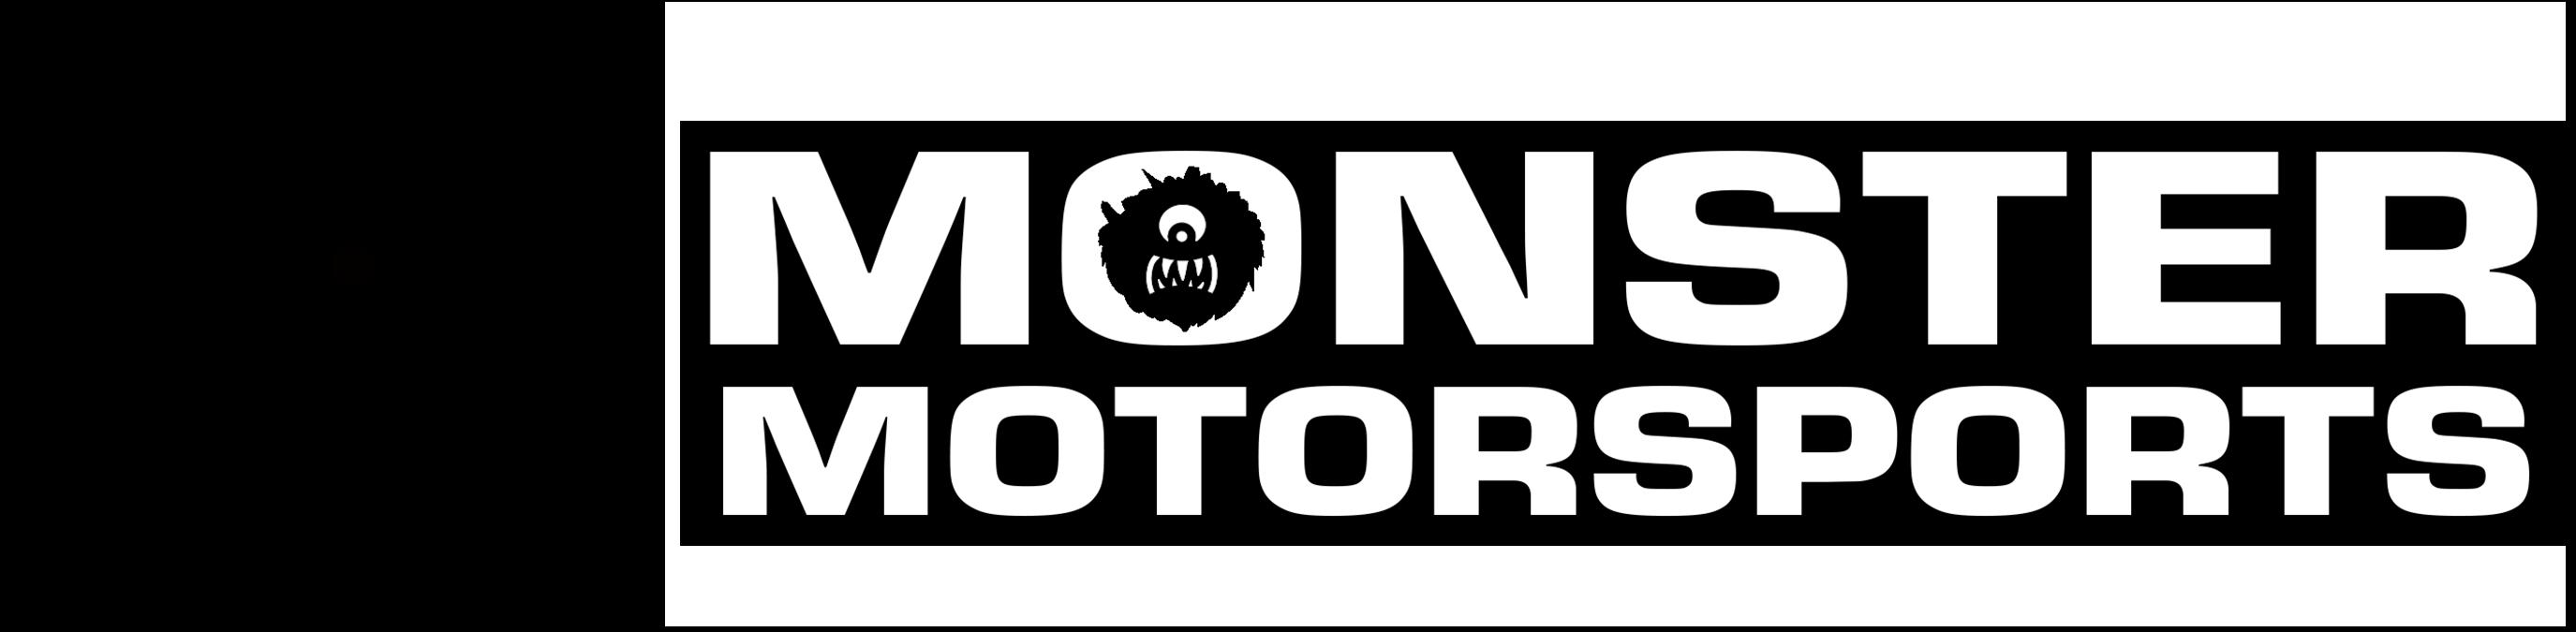 Monster Motorsports